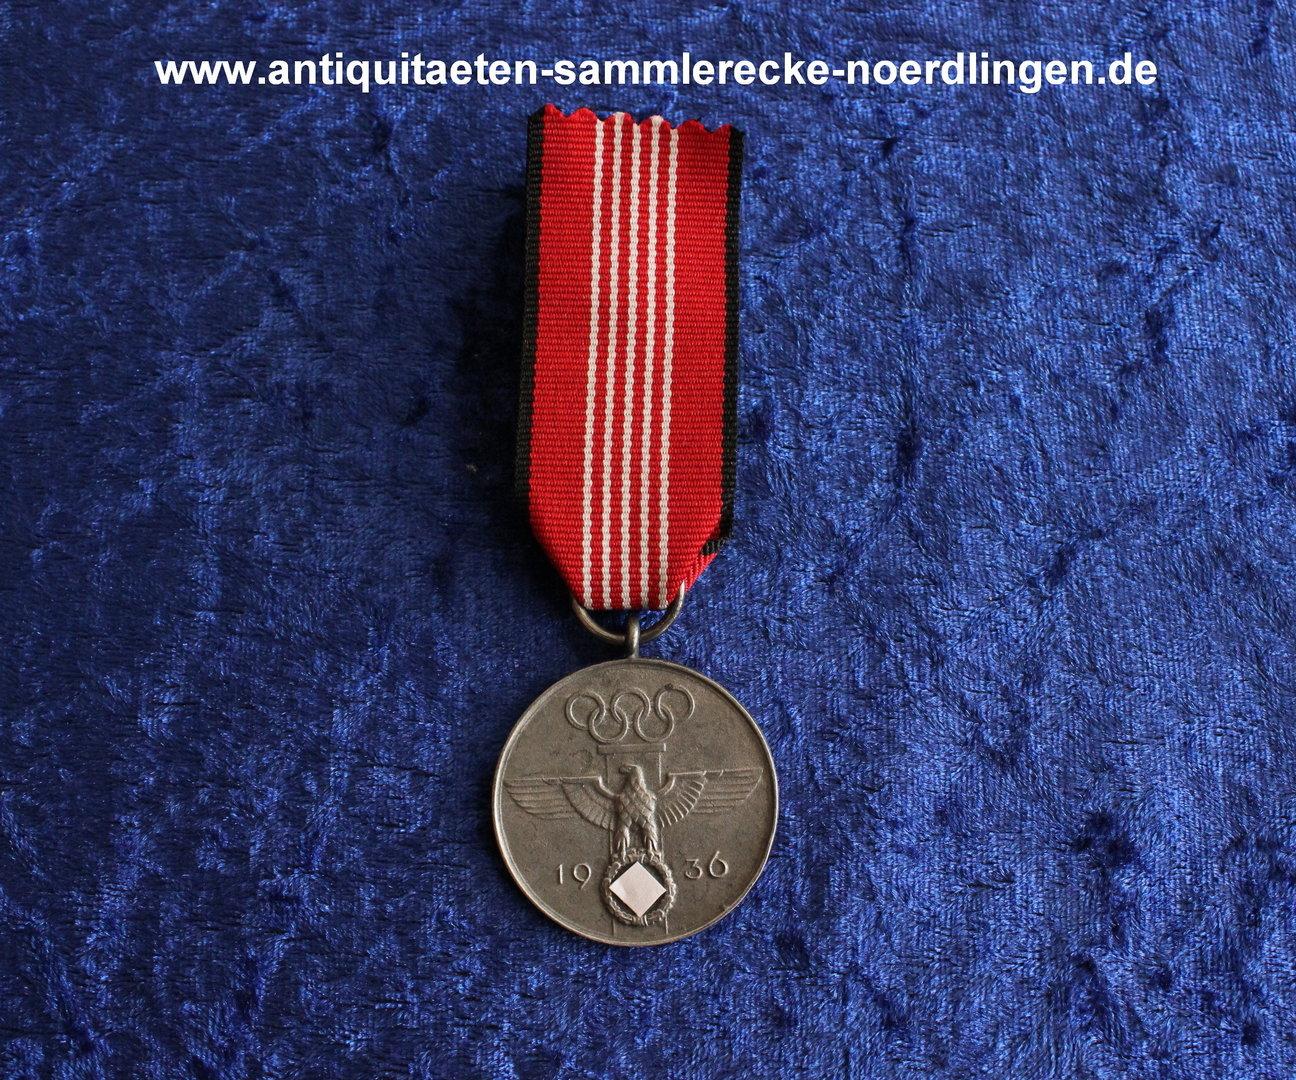 Erinnerungsmedaille Fur Die Olympischen Spiele Fur Verdienstvolle Mitarbeit Antiquitaten Sammlerecke Nordlingen E K